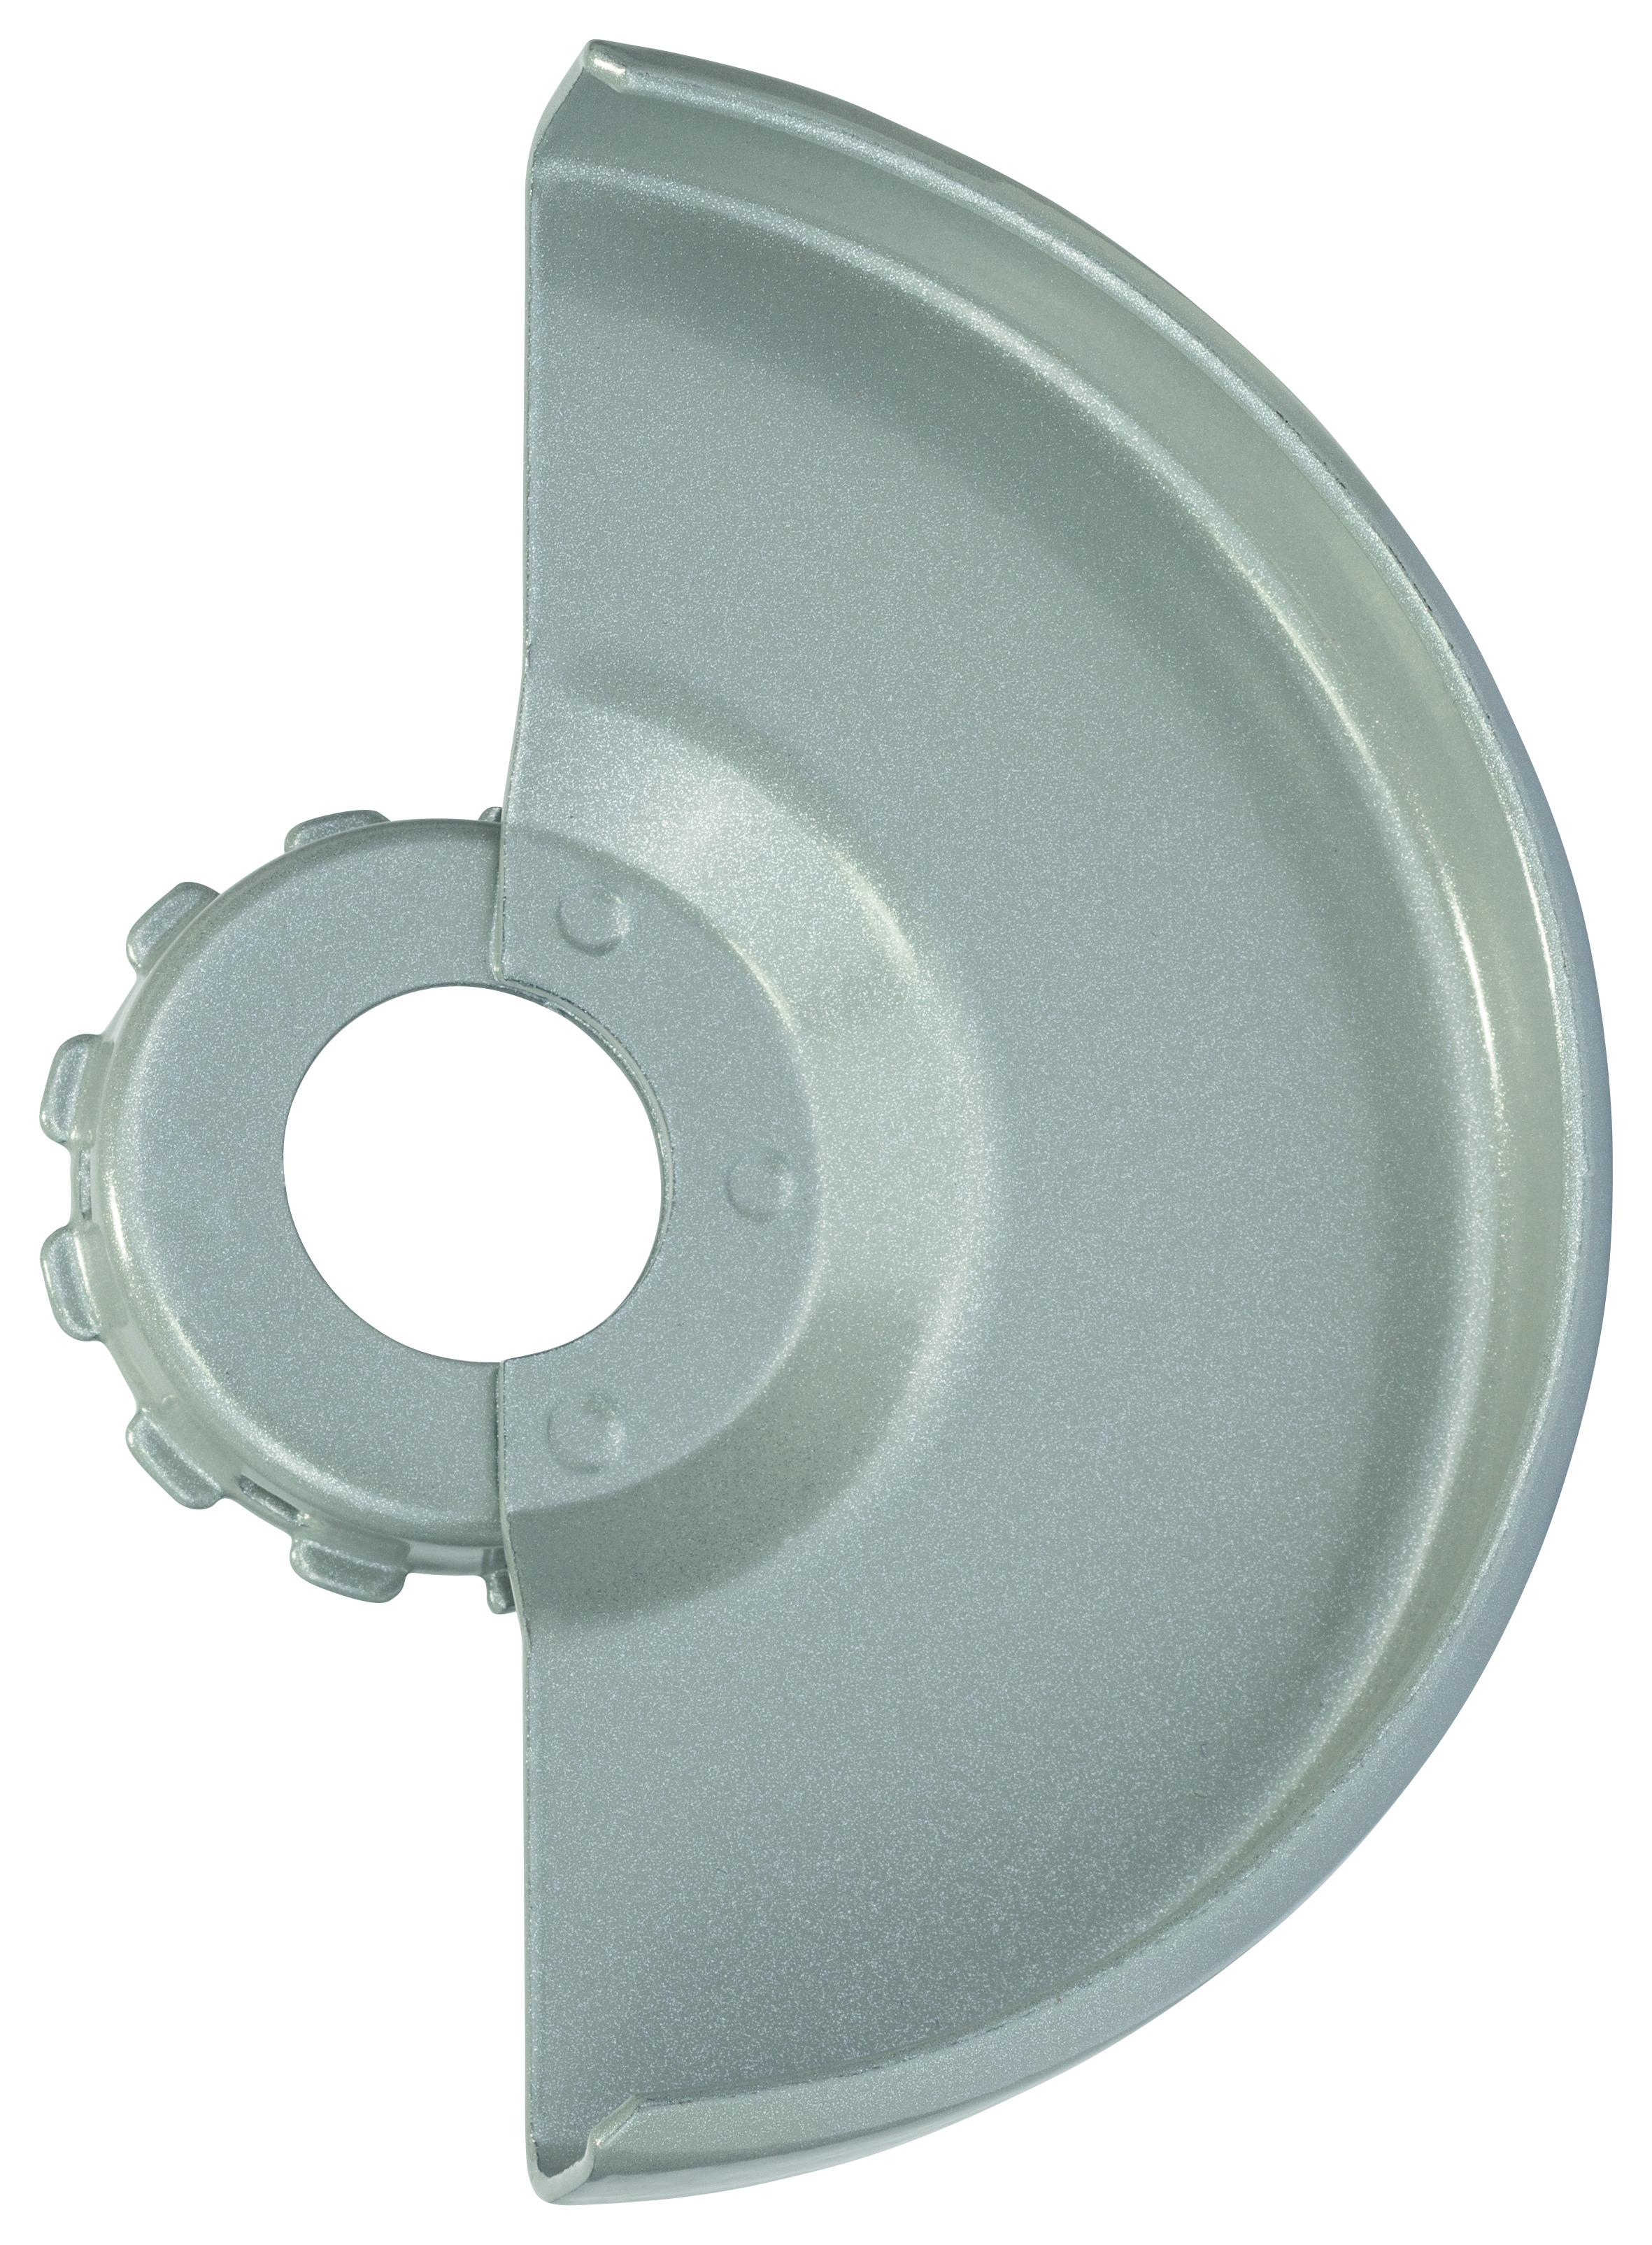 Image of   Beskyttelsesskærm uden dækplade 115 mm